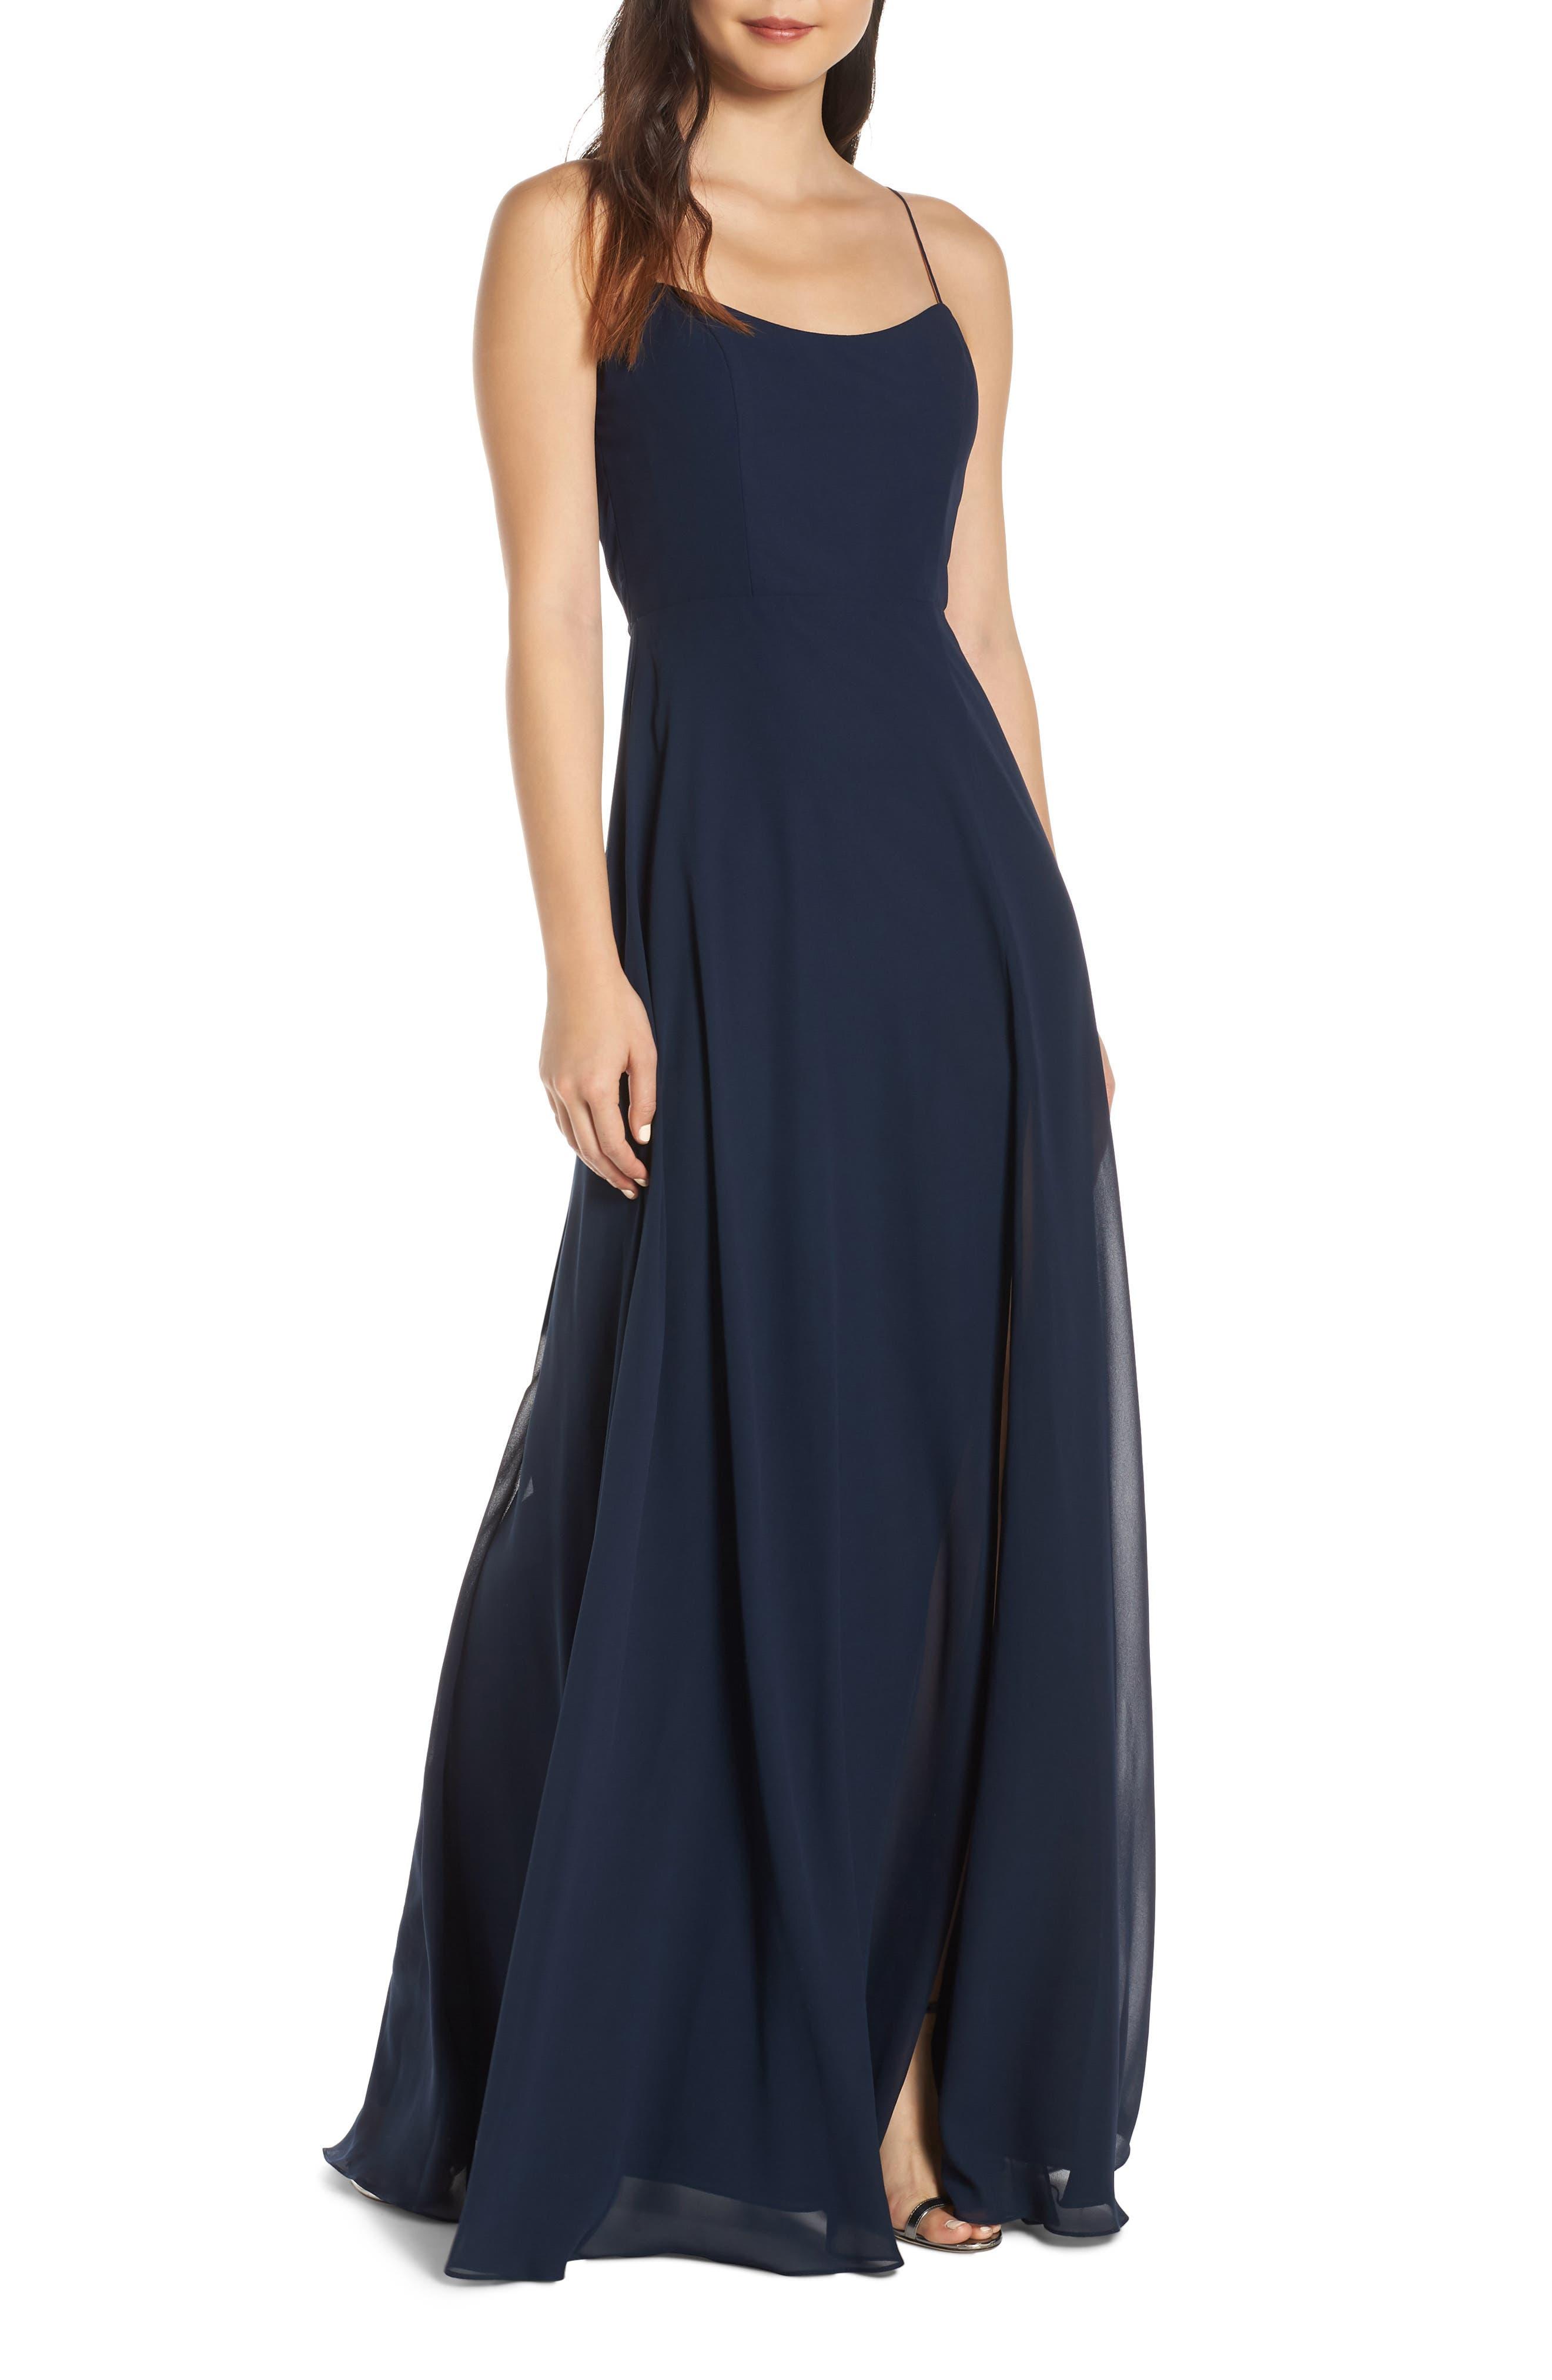 Kiara Bow Back Chiffon Evening Dress, Main, color, NAVY